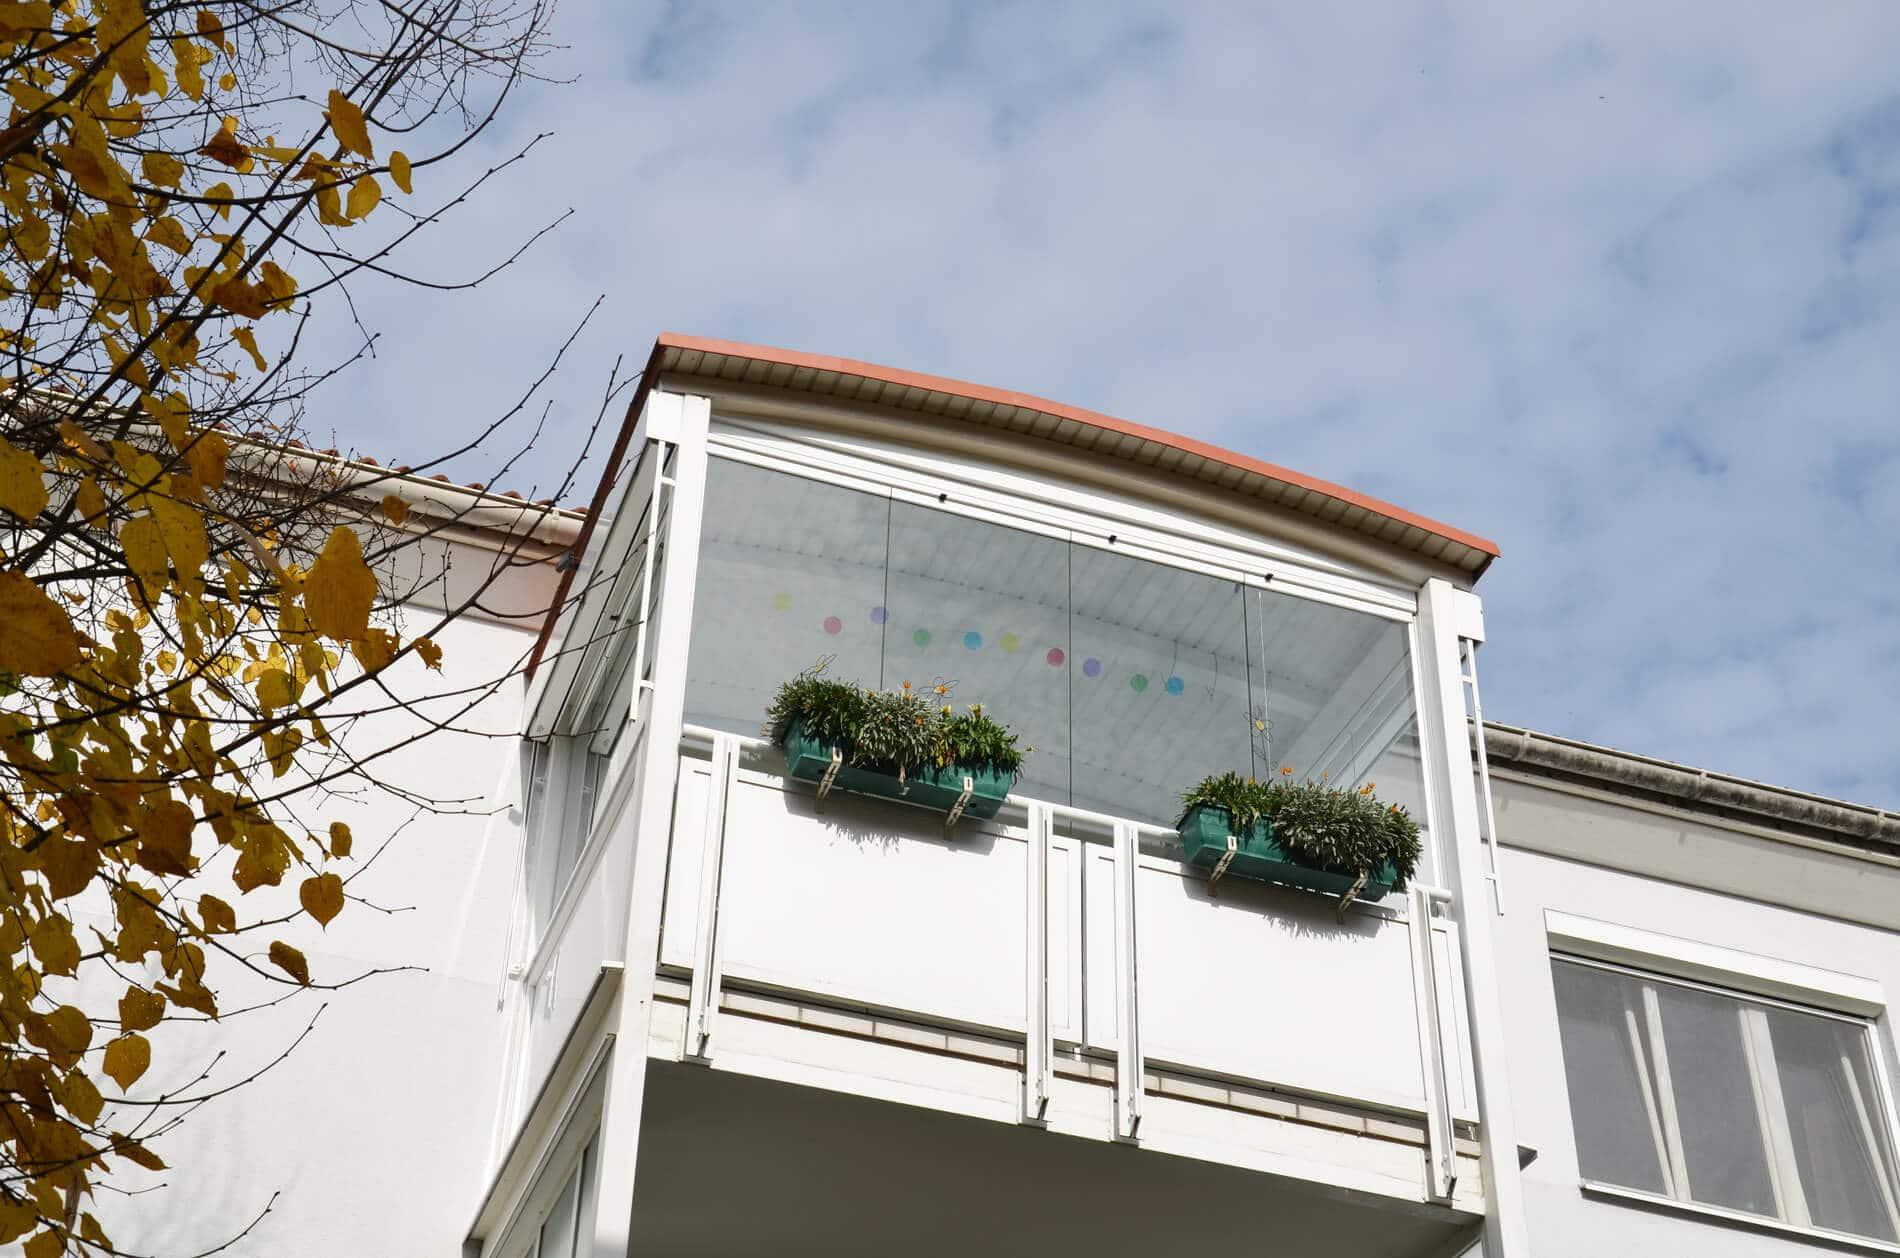 Schiebesystem für Balkonverglasungen